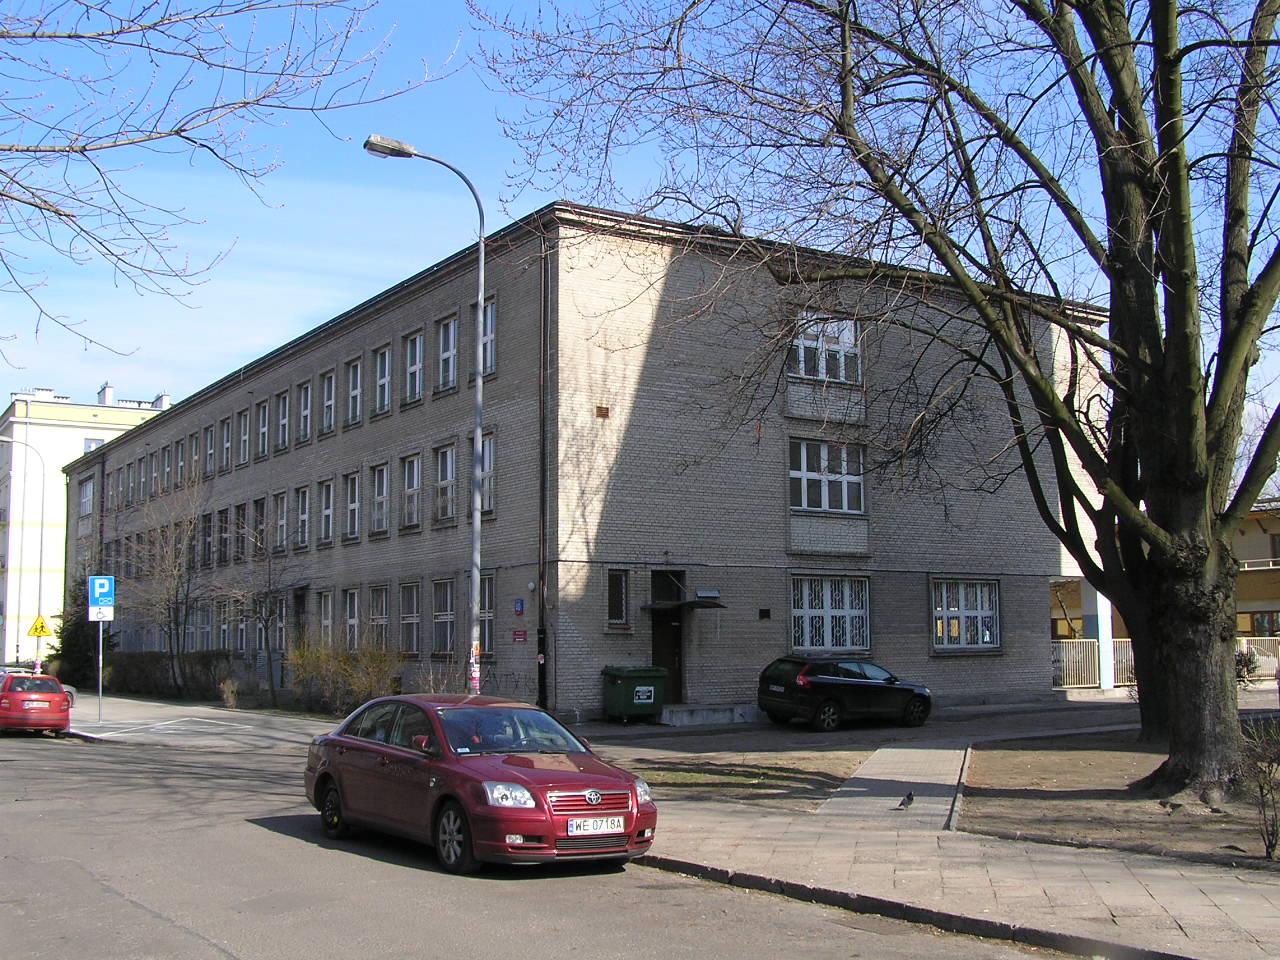 Budynek przy ulicy Siennickiej 40 na Grochowie